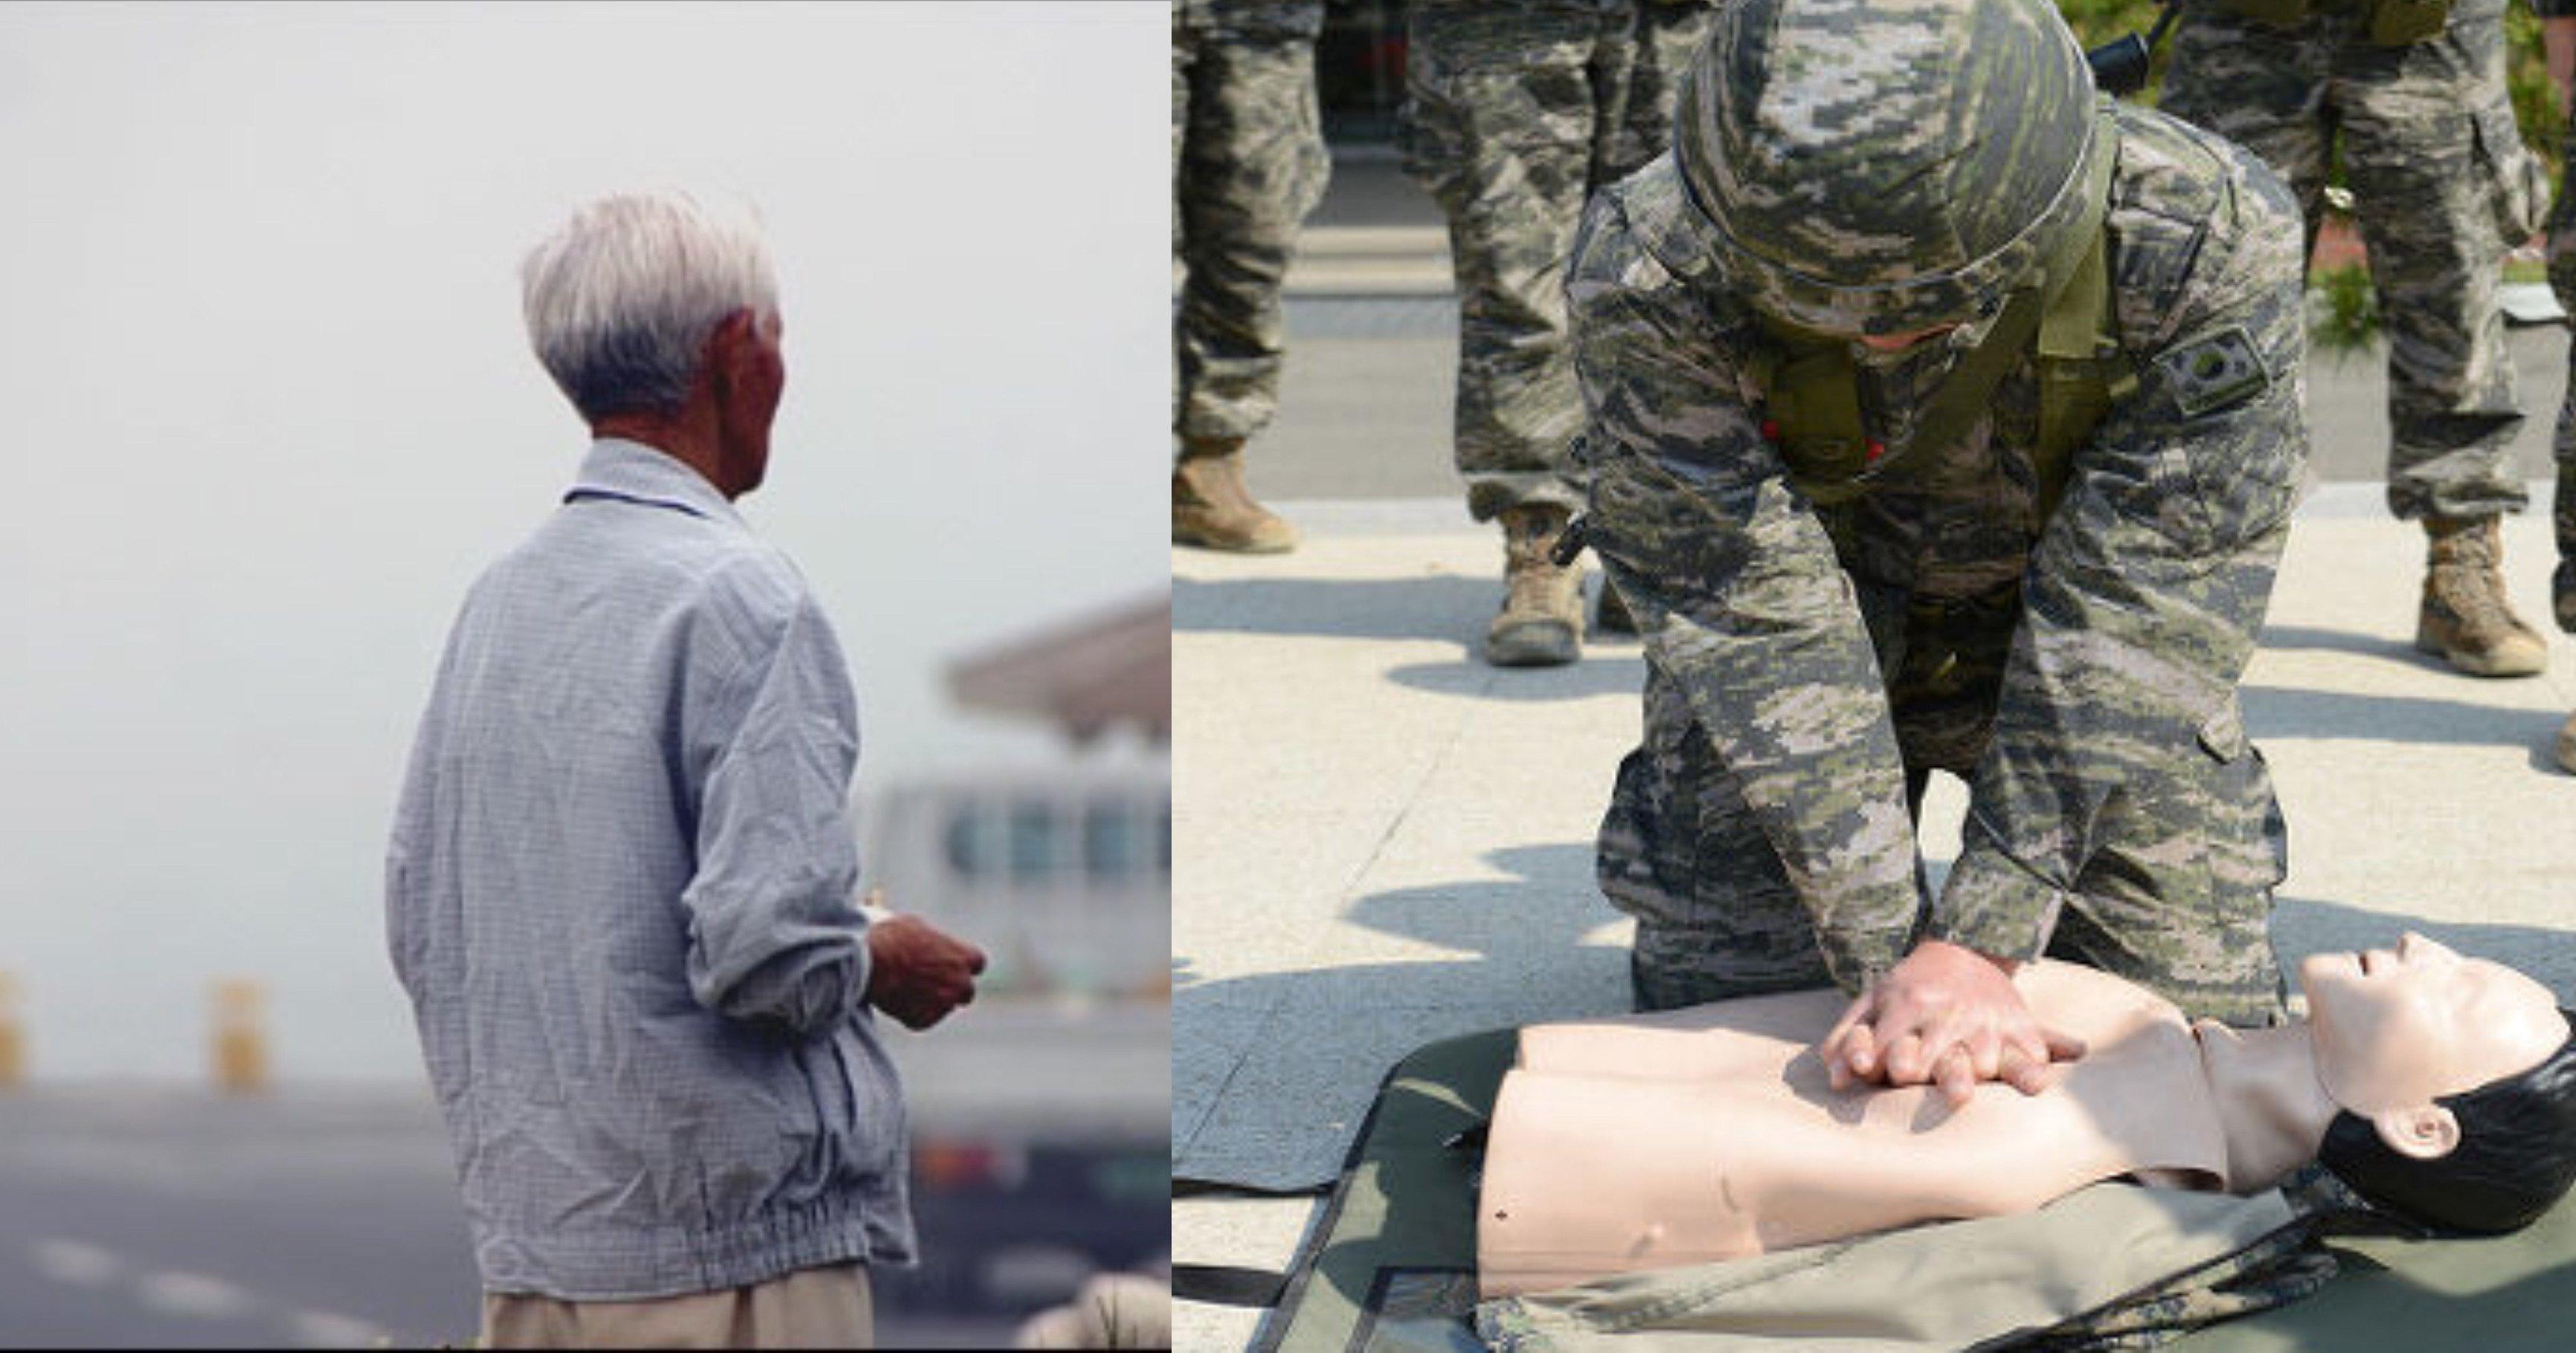 eab5b0eb8b98 ec8db8eb84a4ec9dbc.jpg?resize=1200,630 - 휴가 나왔다가 복귀 길에 쓰러진 '할아버지' 발견해 군대에서 배운 '구급법'으로 살린 군인